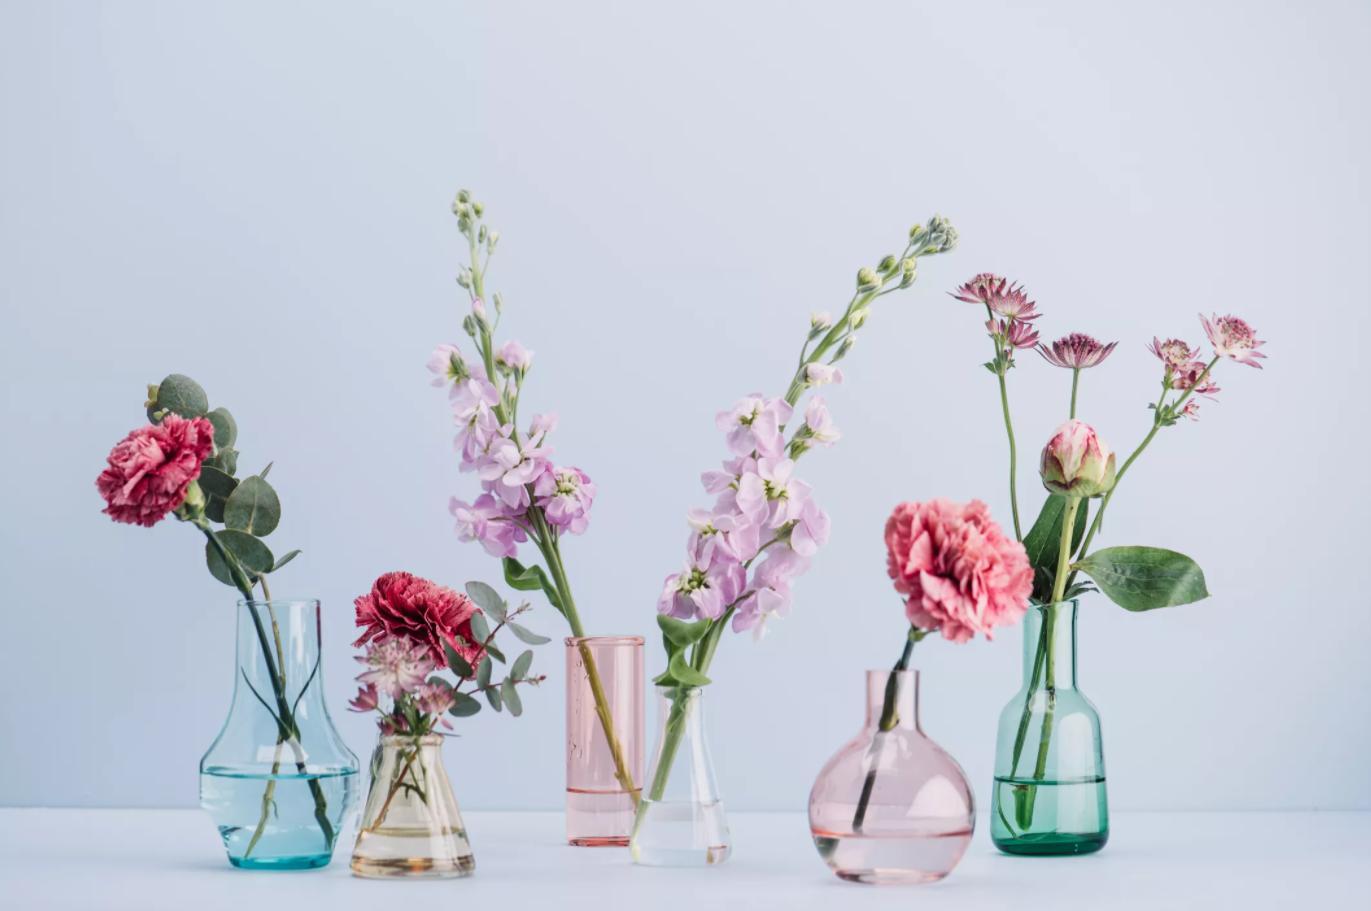 fen shuj v interere kak ispolzovat obychnye predmety dekora vazy i kashpo